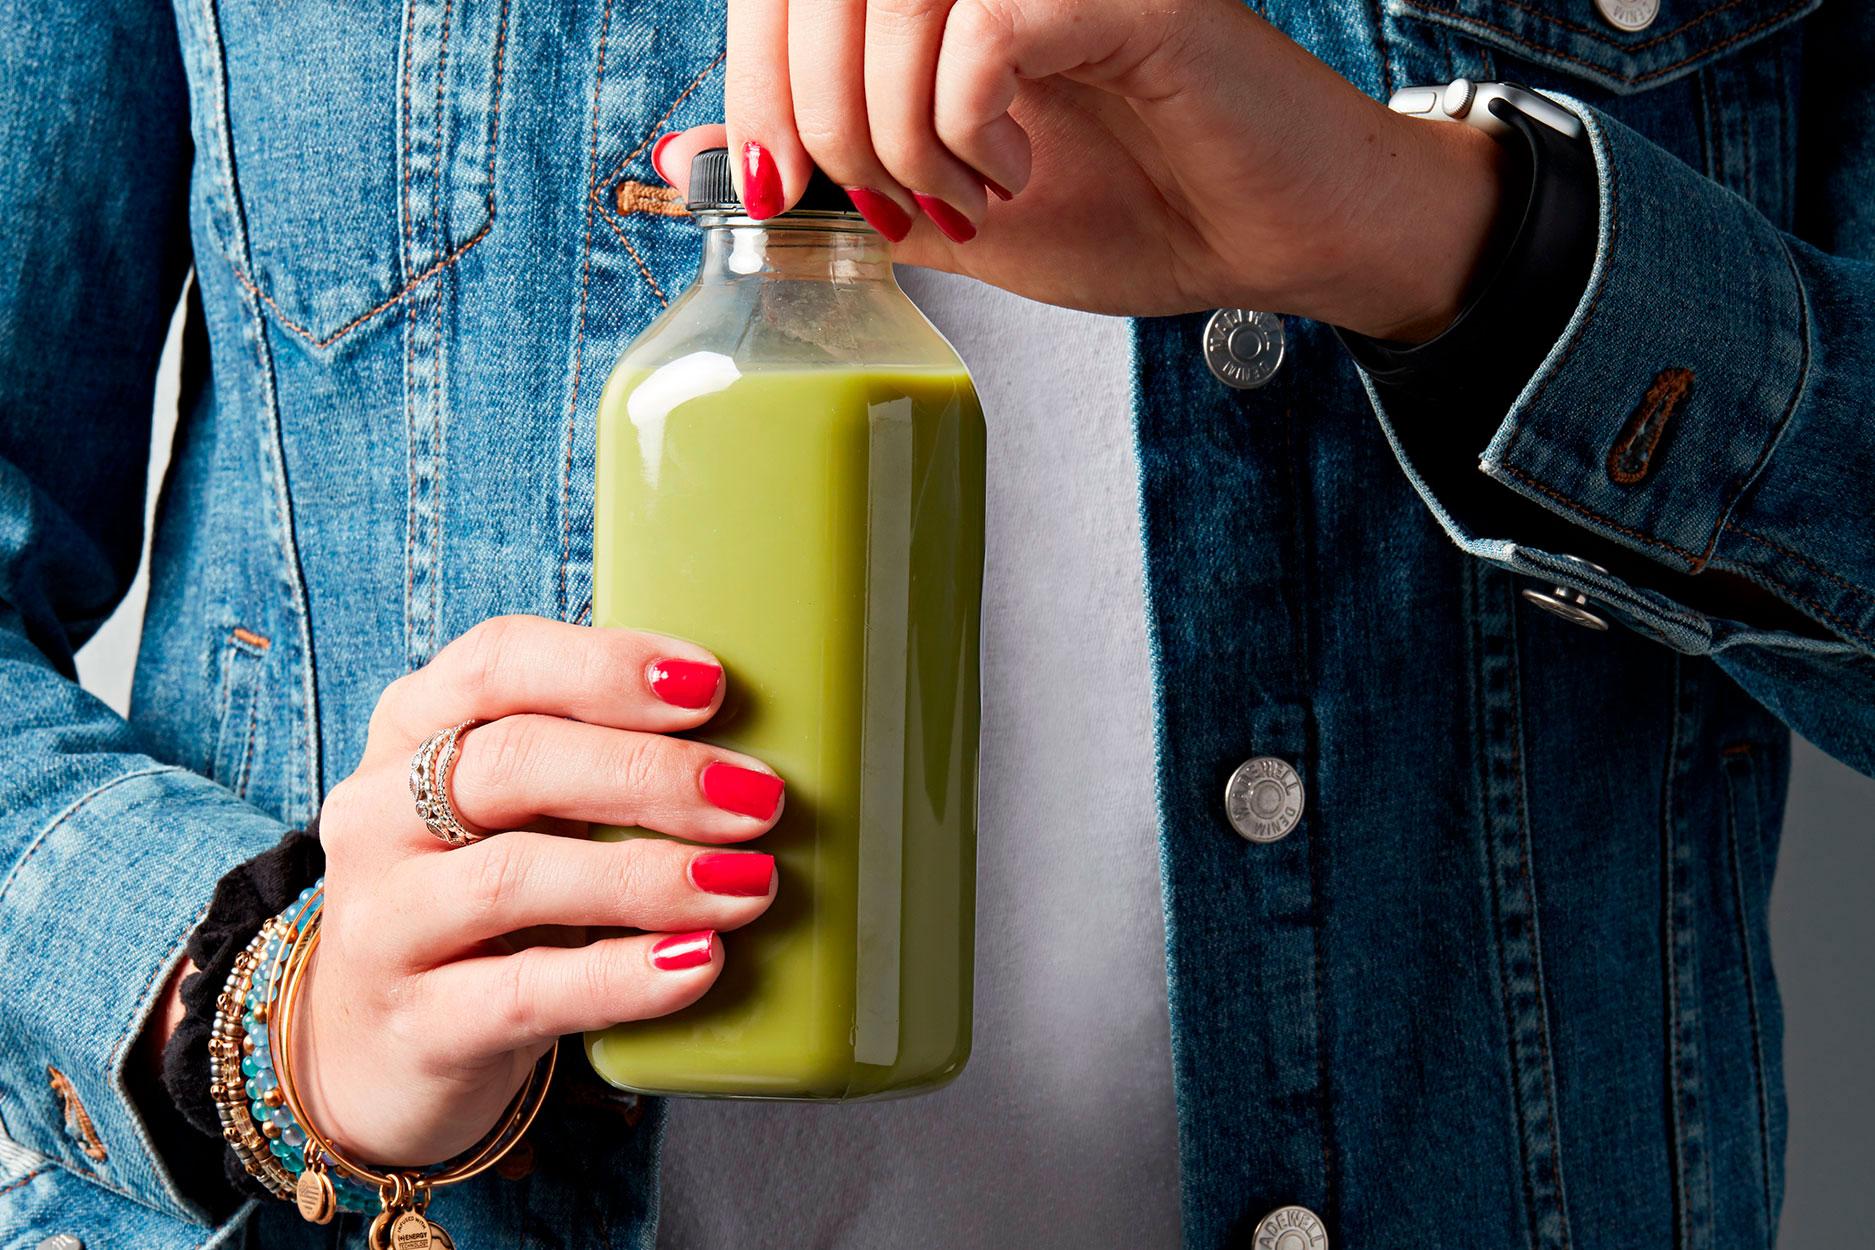 woman opening juice bottle